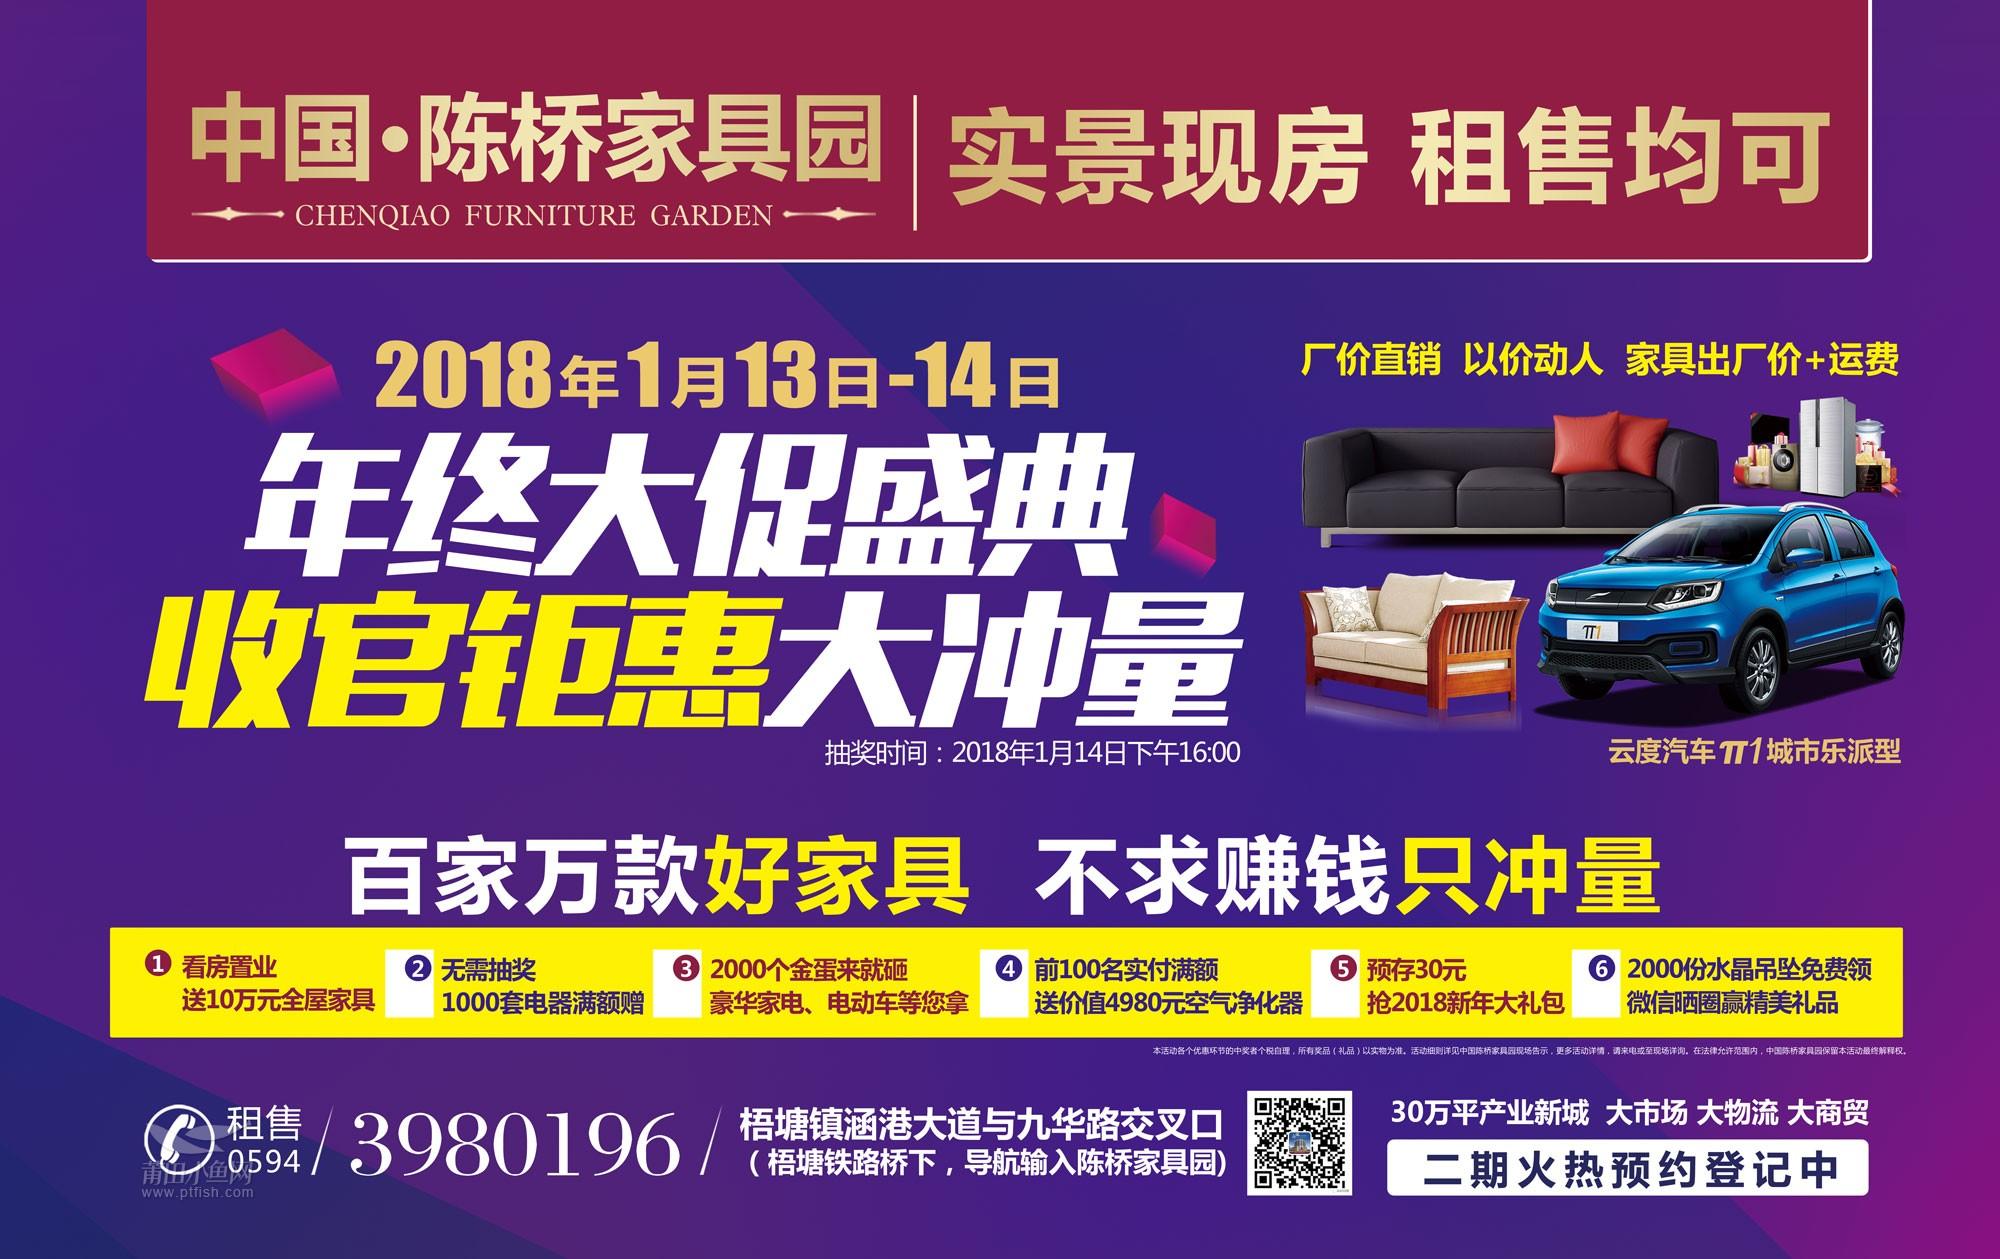 111 陈桥年终大促网络广告版本保守最新副本.jpg